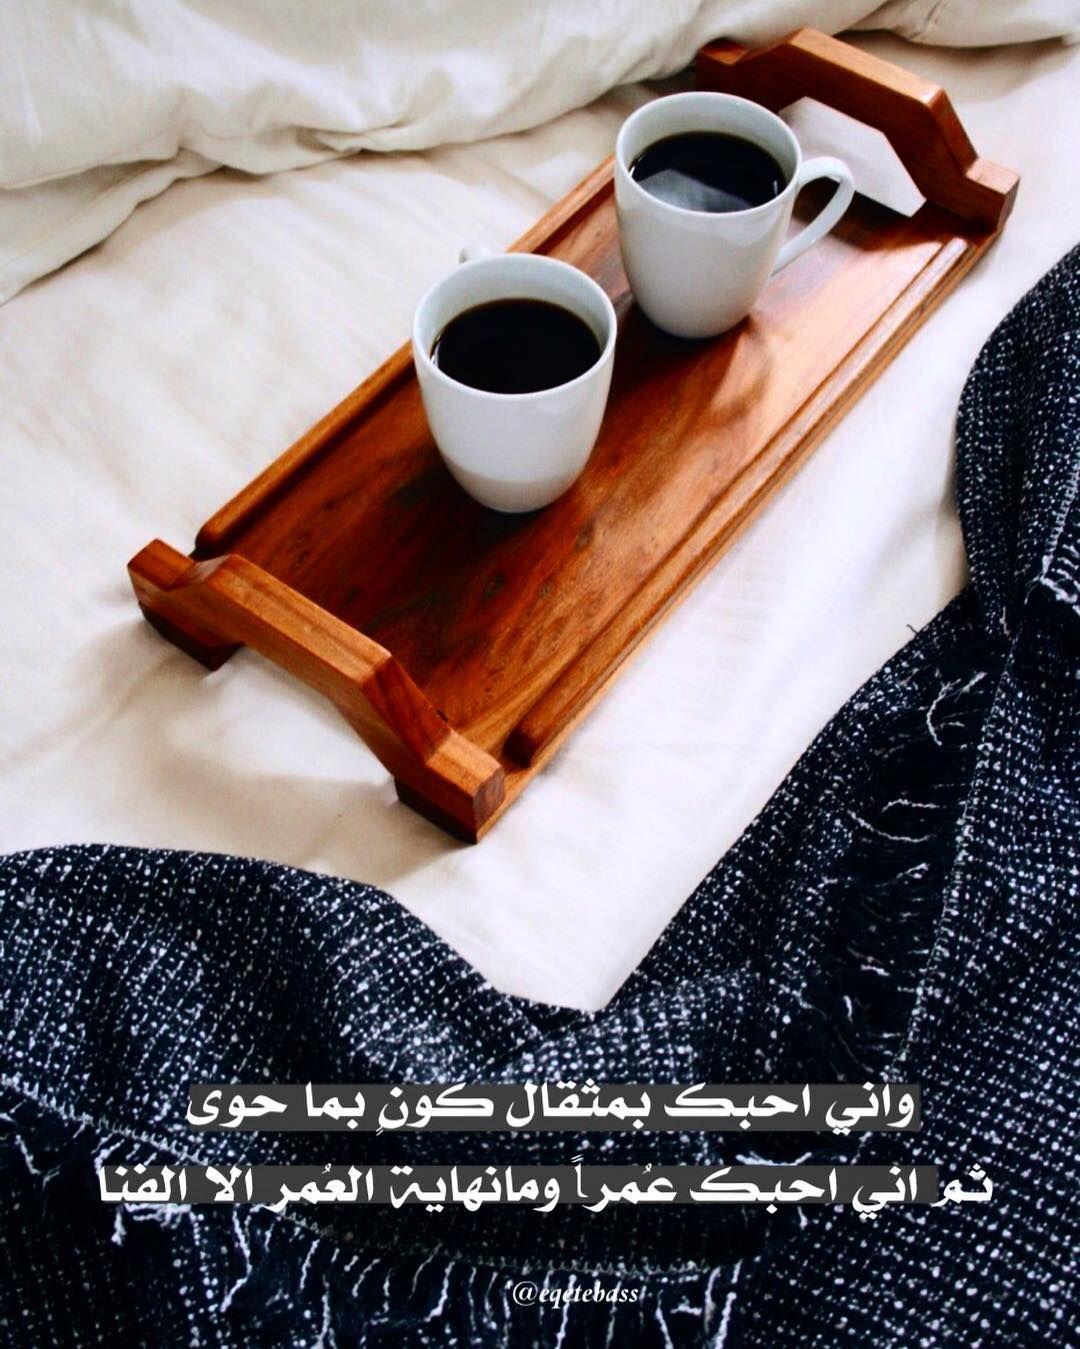 واني احبك بمثقال كون بما حوى ثم اني احبك ع مرا ومانهاية الع مر الا الفنا Arabic Quotes Chocolate Lovers Instagram Posts